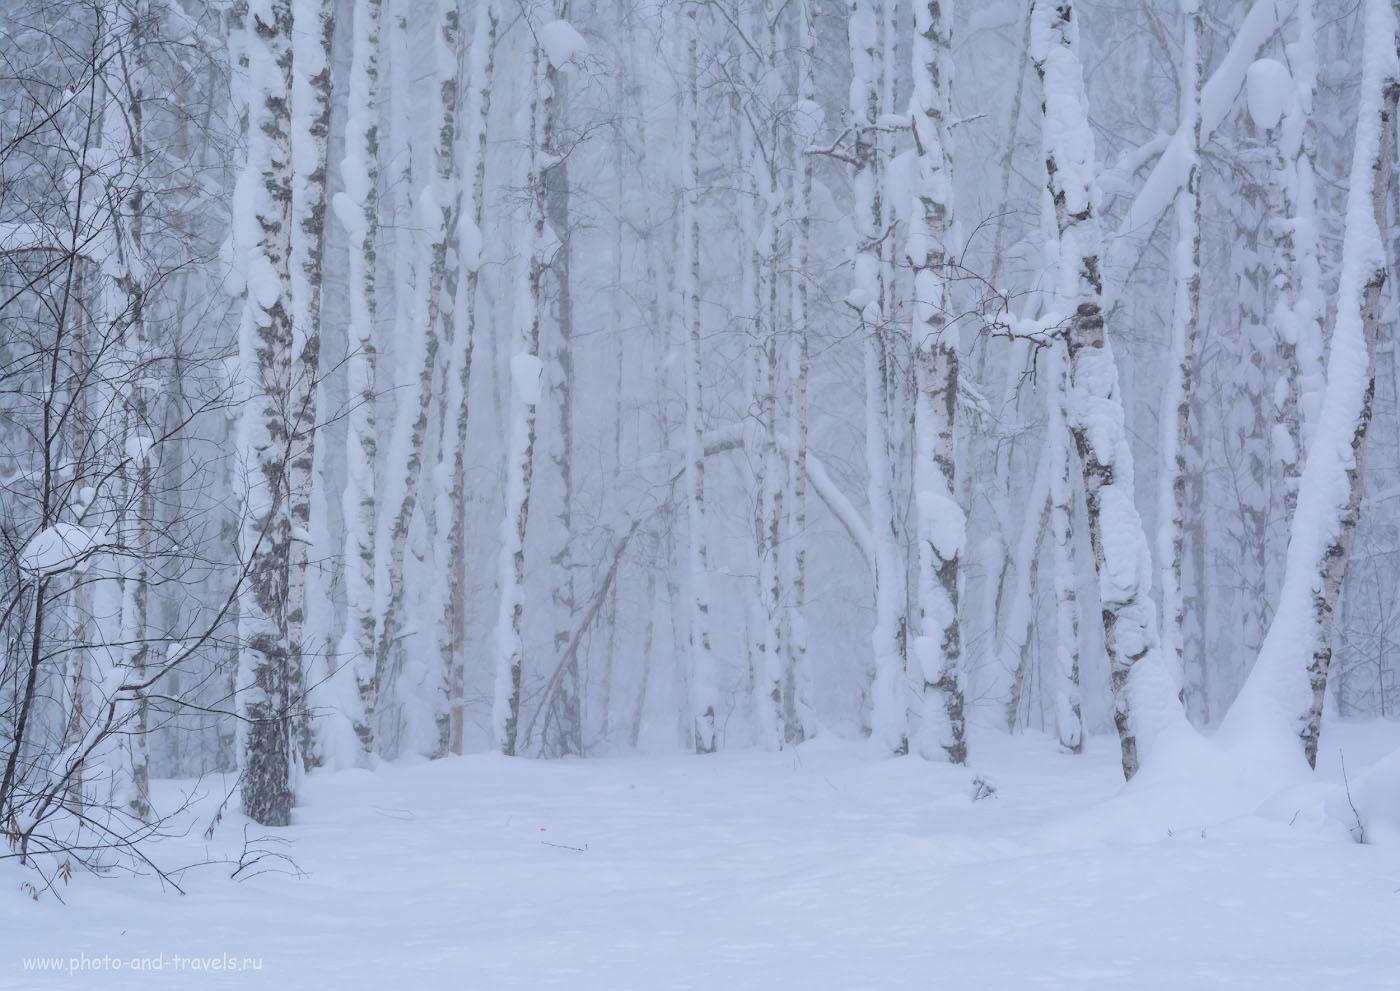 Фотография 2. Заснеженный лес, снятый на Nikon D5200 + Nikon 17-55mm f/2.8G. 1/100, +0.67, 10.0, 800, 55.